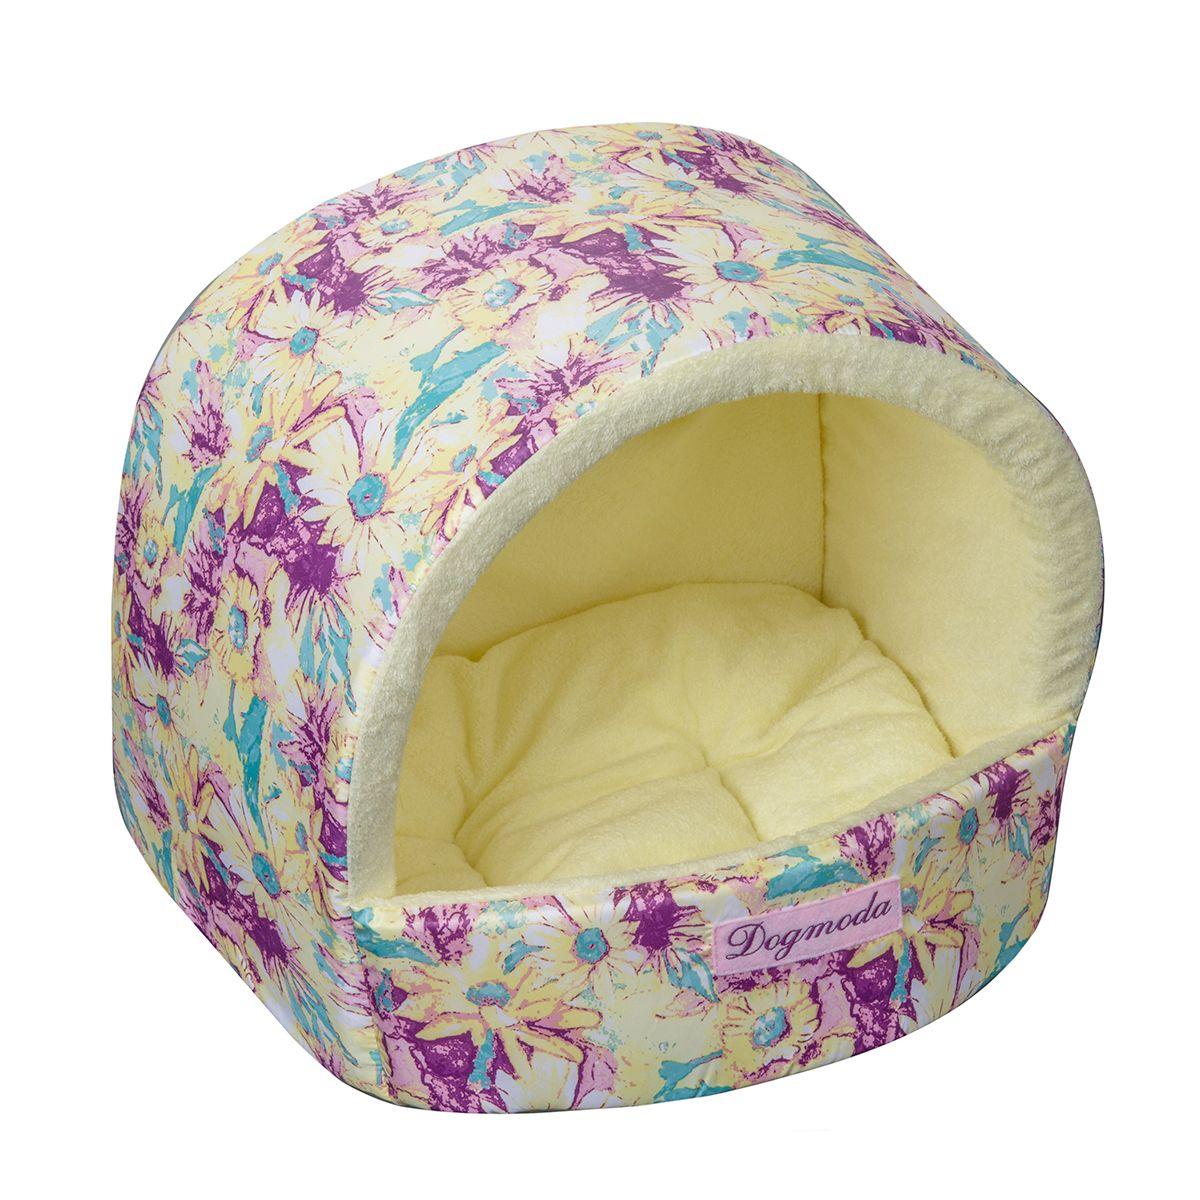 Домик Dogmoda Букет 34*30*28 см0120710Яркий солнечный домик для животных. Выполнен из моющейся ткани, внутри нежный искусственный мех.